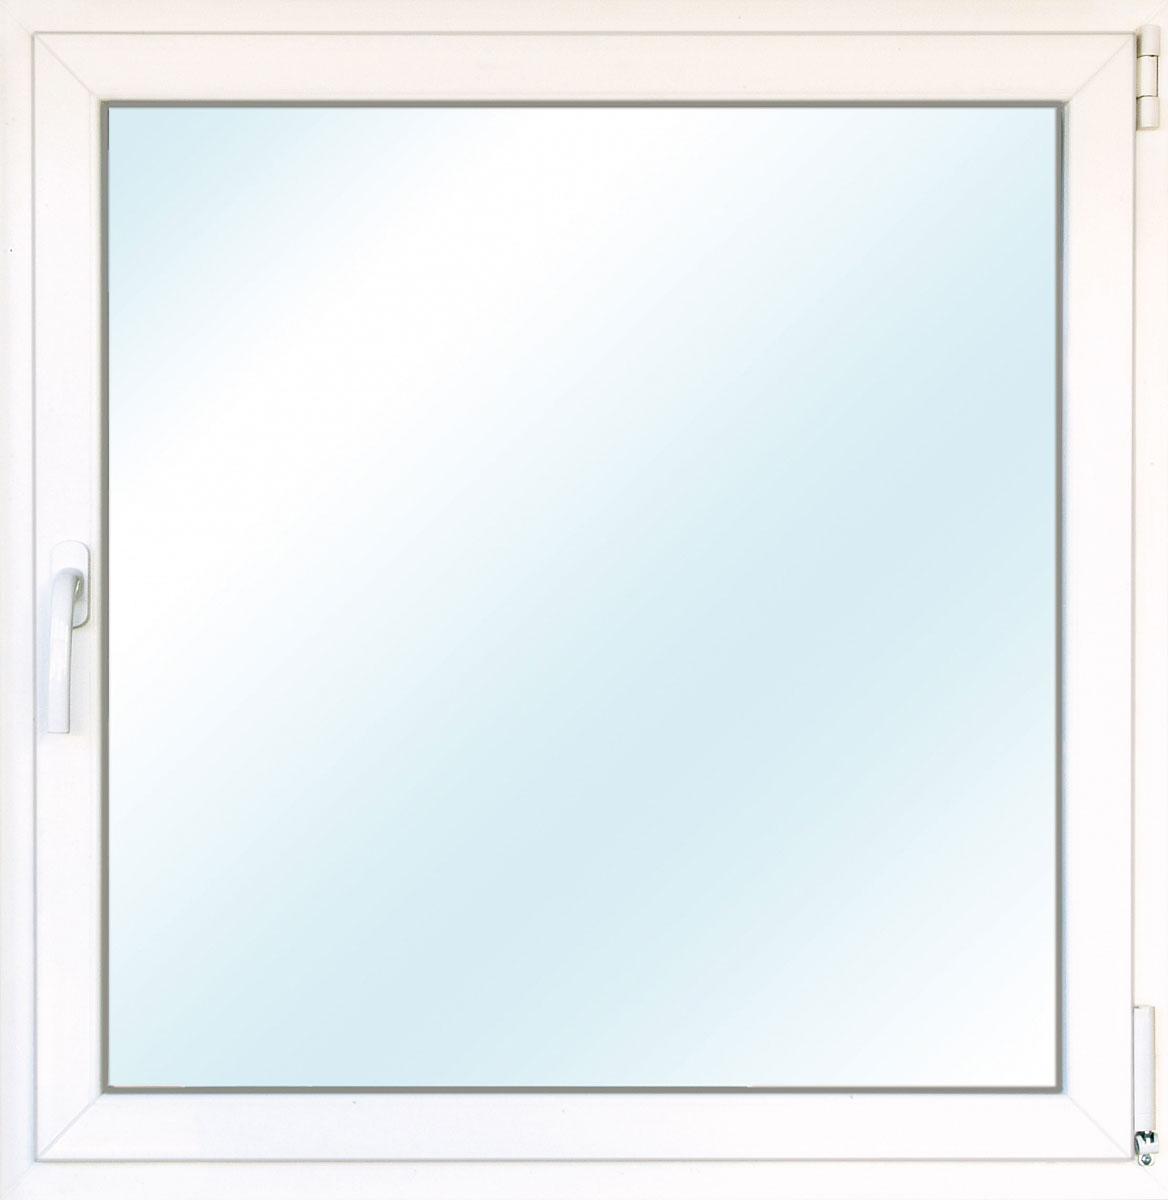 Fenster PVC 70/3 weiß/weiß Anschlag rechts 120x120 cm